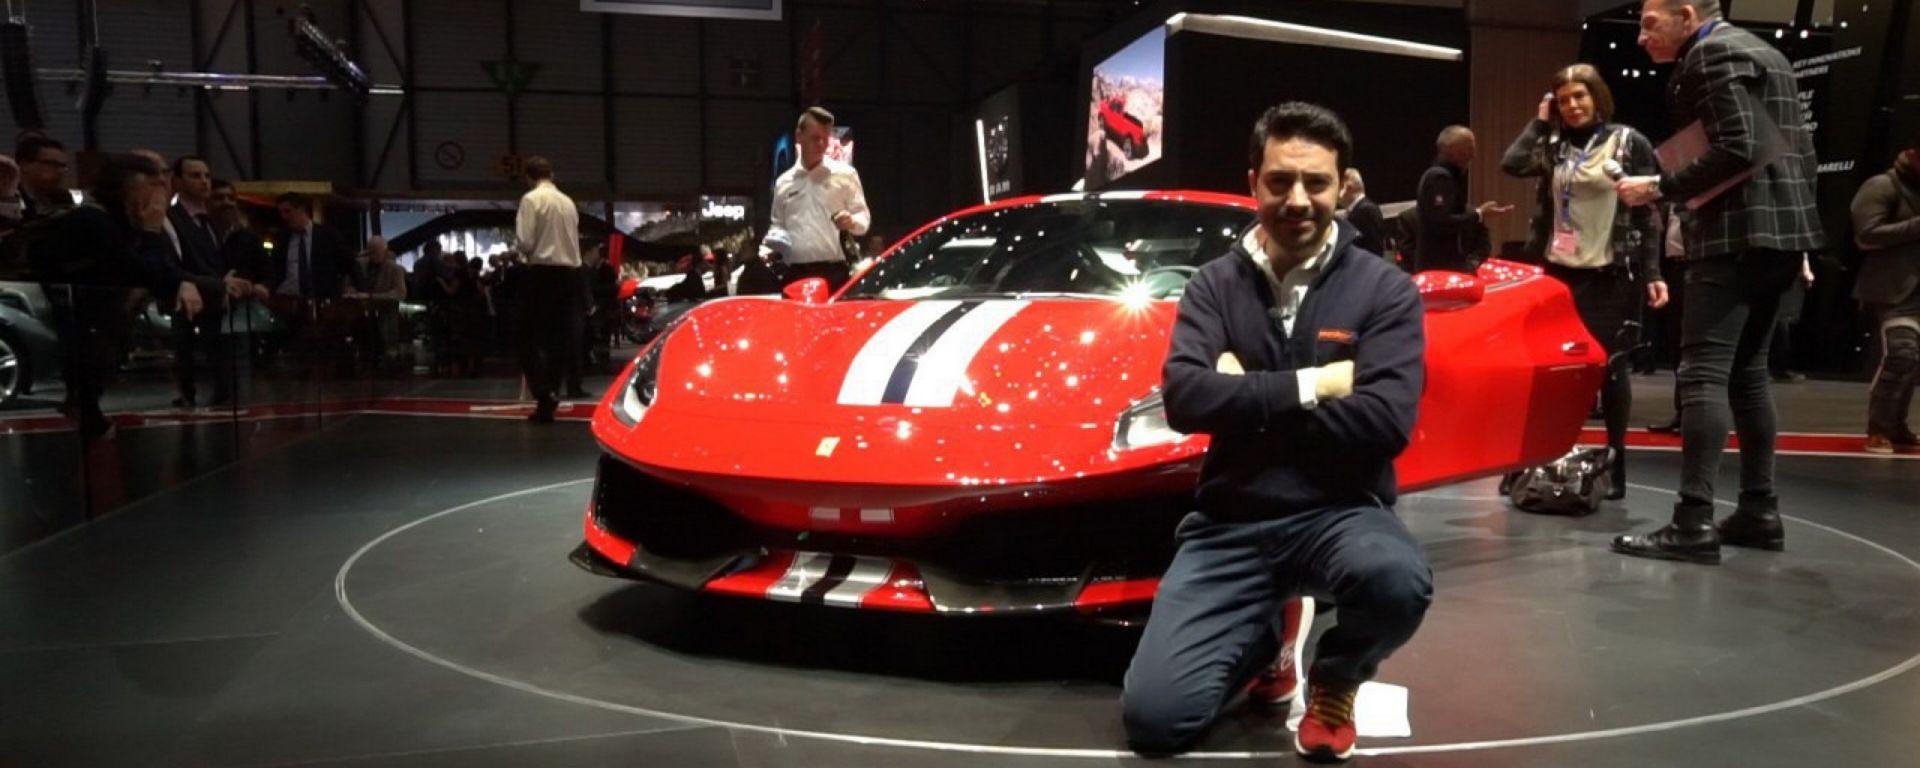 Ferrari 488 Pista: in video dal Salone di Ginevra 2018